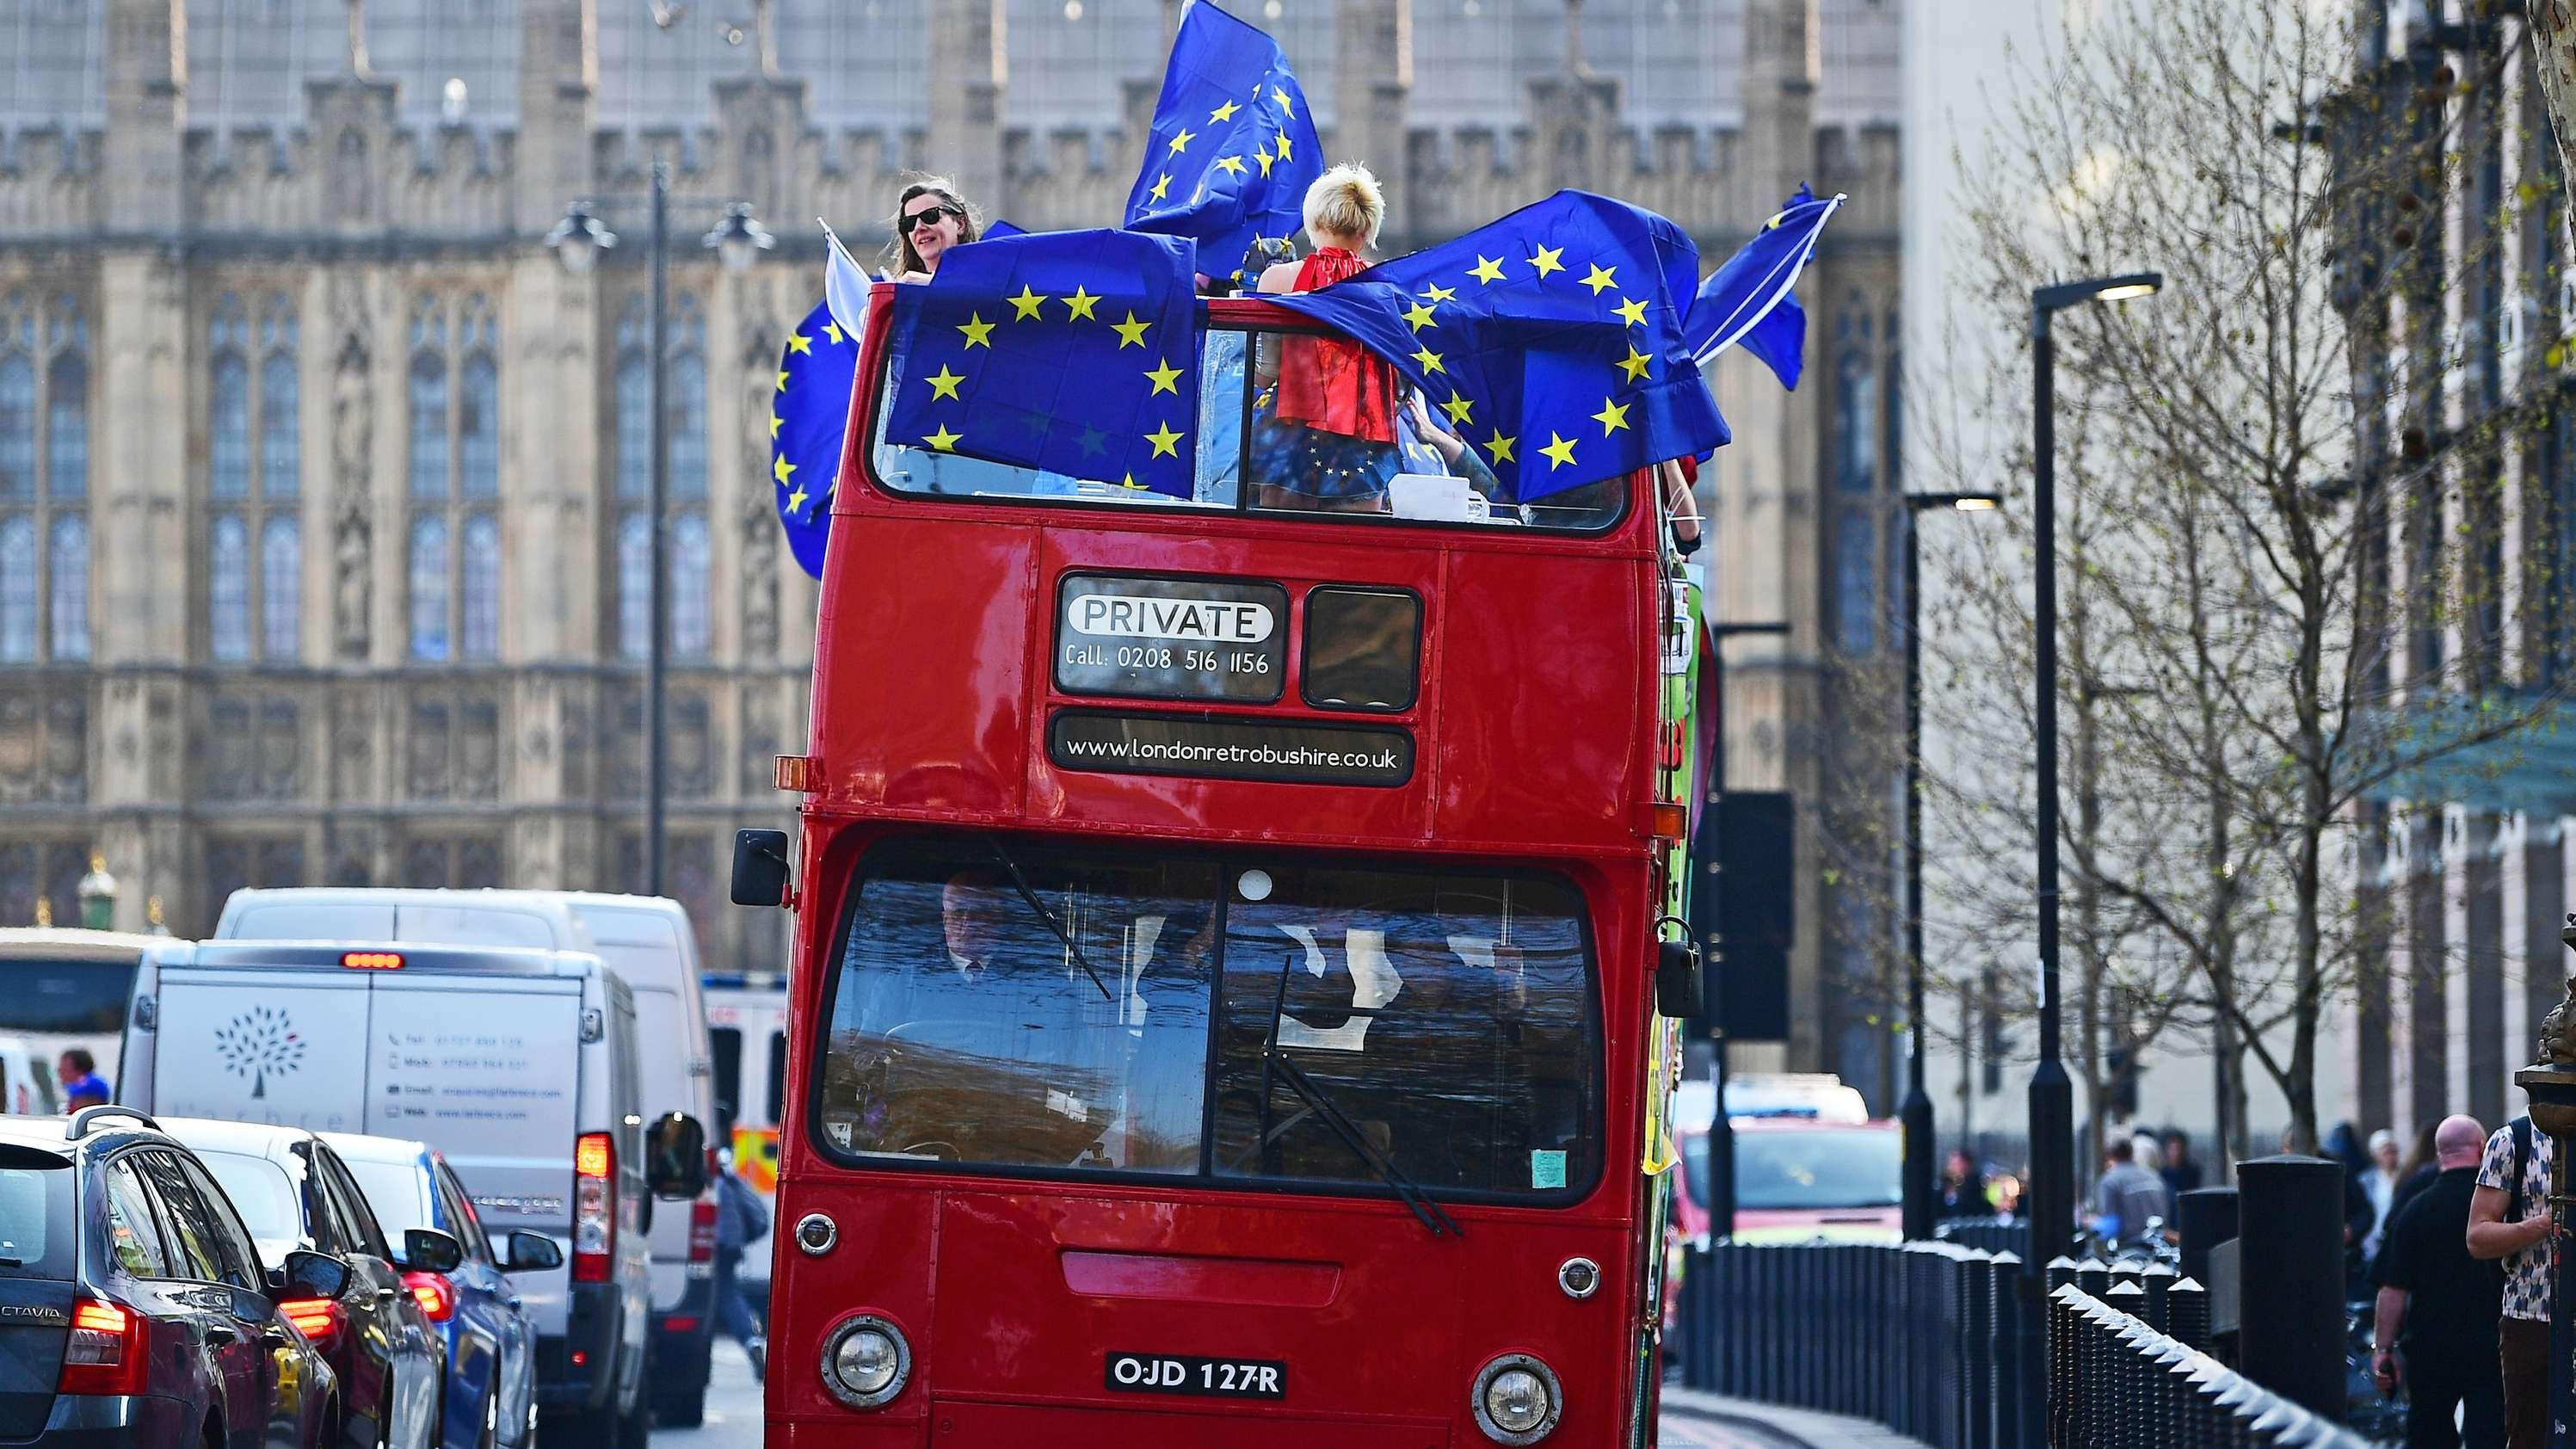 Brexit-Gegner stehen mit EU-Fahnen auf einem Bus vor dem Parlament.